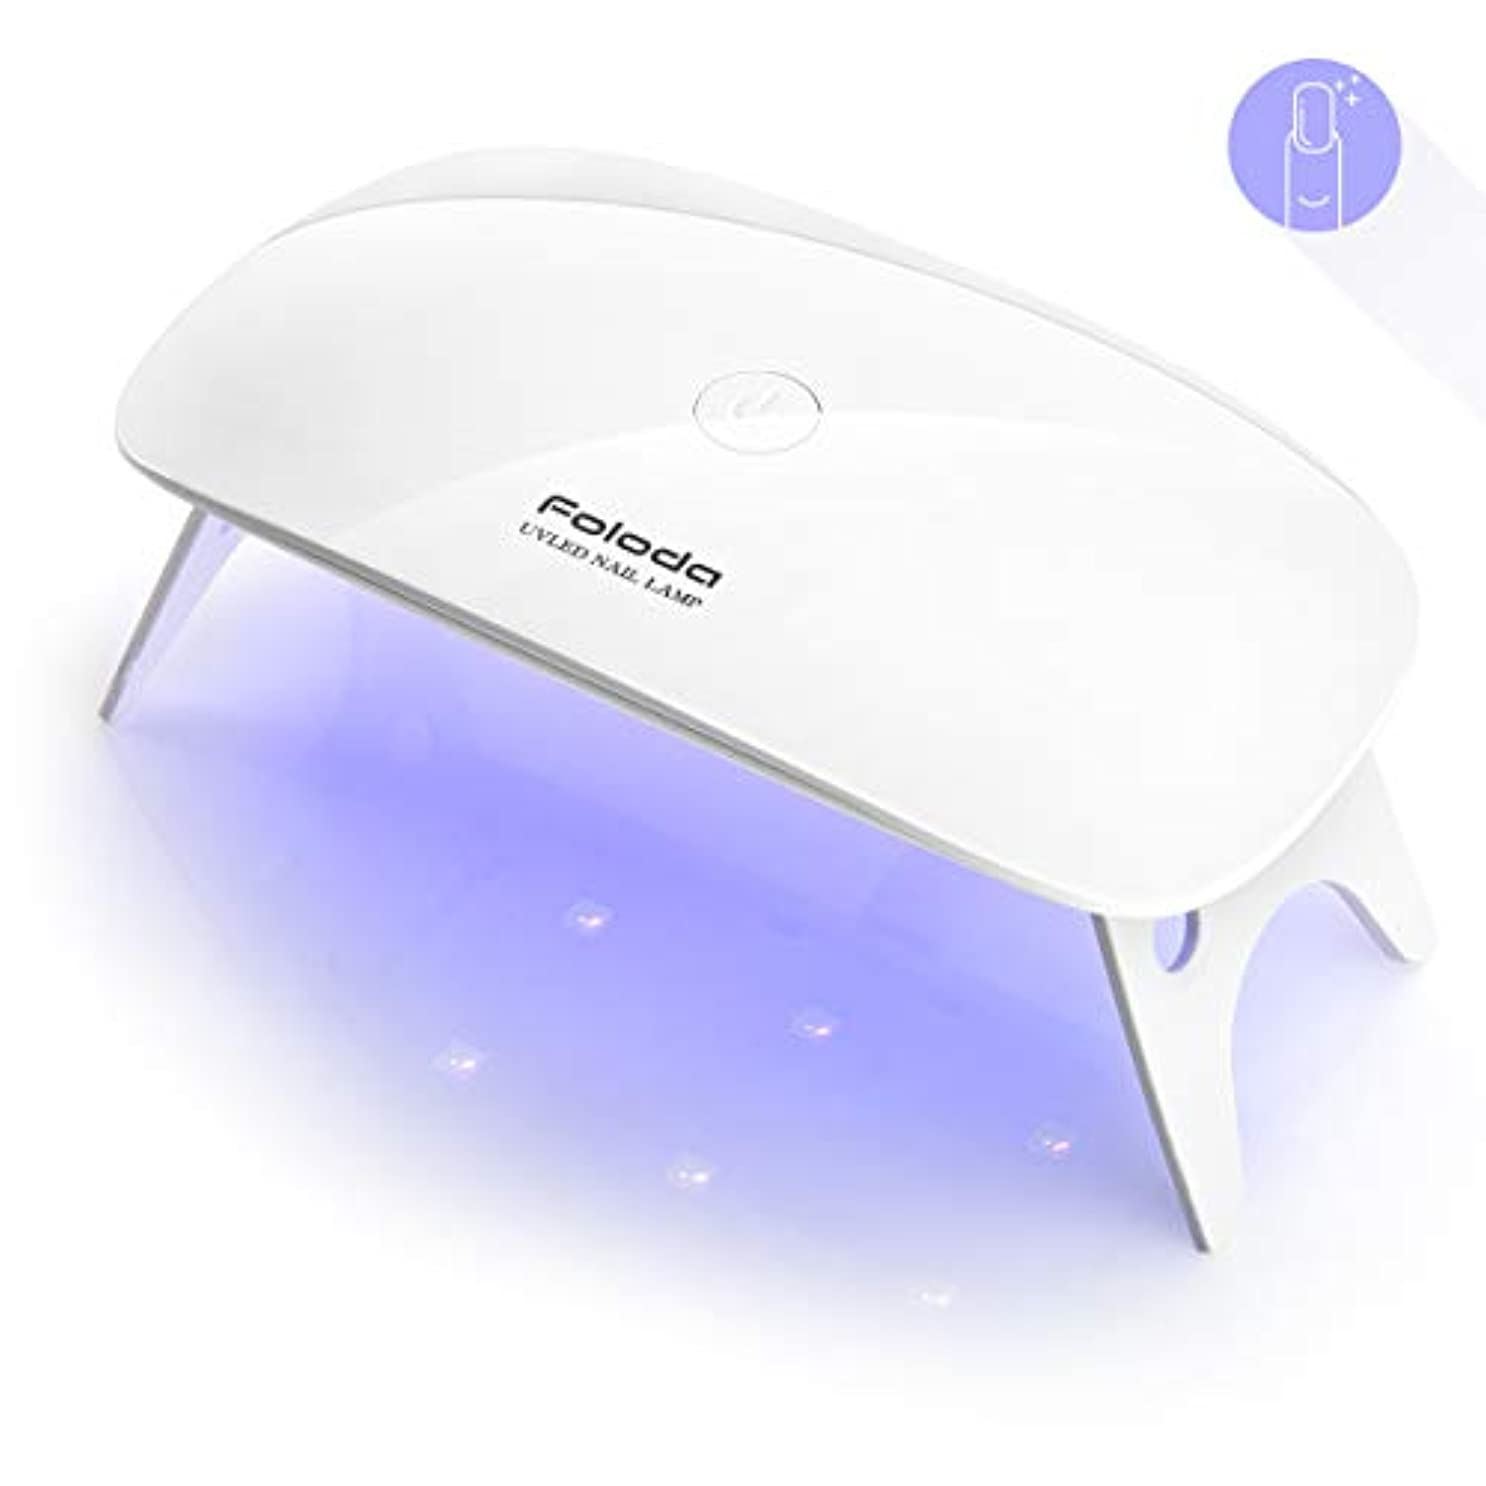 師匠個性狂信者LEDネイルドライヤー UVライト Foloda タイマー設定可能 折りたたみ式手足とも使える 人感センサー式 LED 硬化ライト UV と LEDダブルライト ジェルネイル用 ホワイト (white)